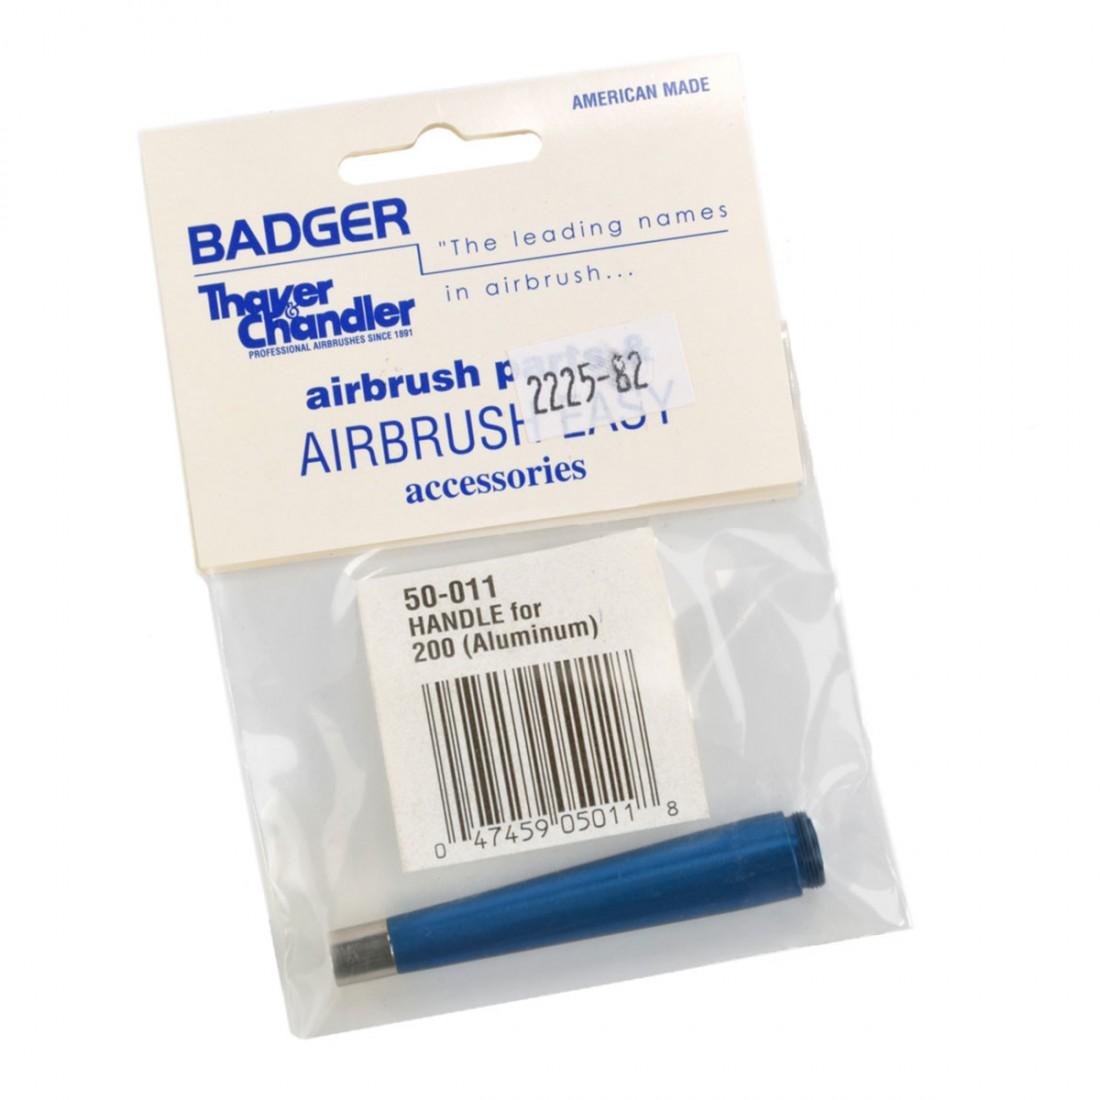 Badger 50-011